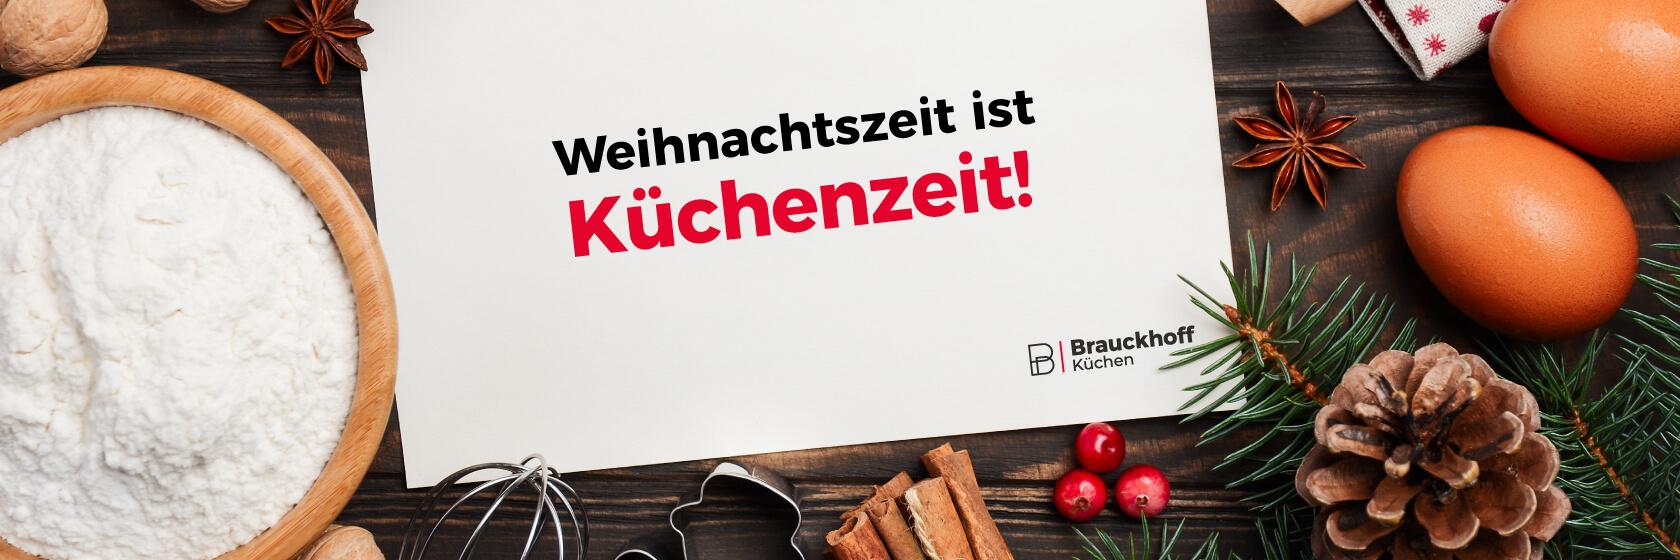 Brauckhoff Küchen - Weihnachtszeit ist Küchenzeit!